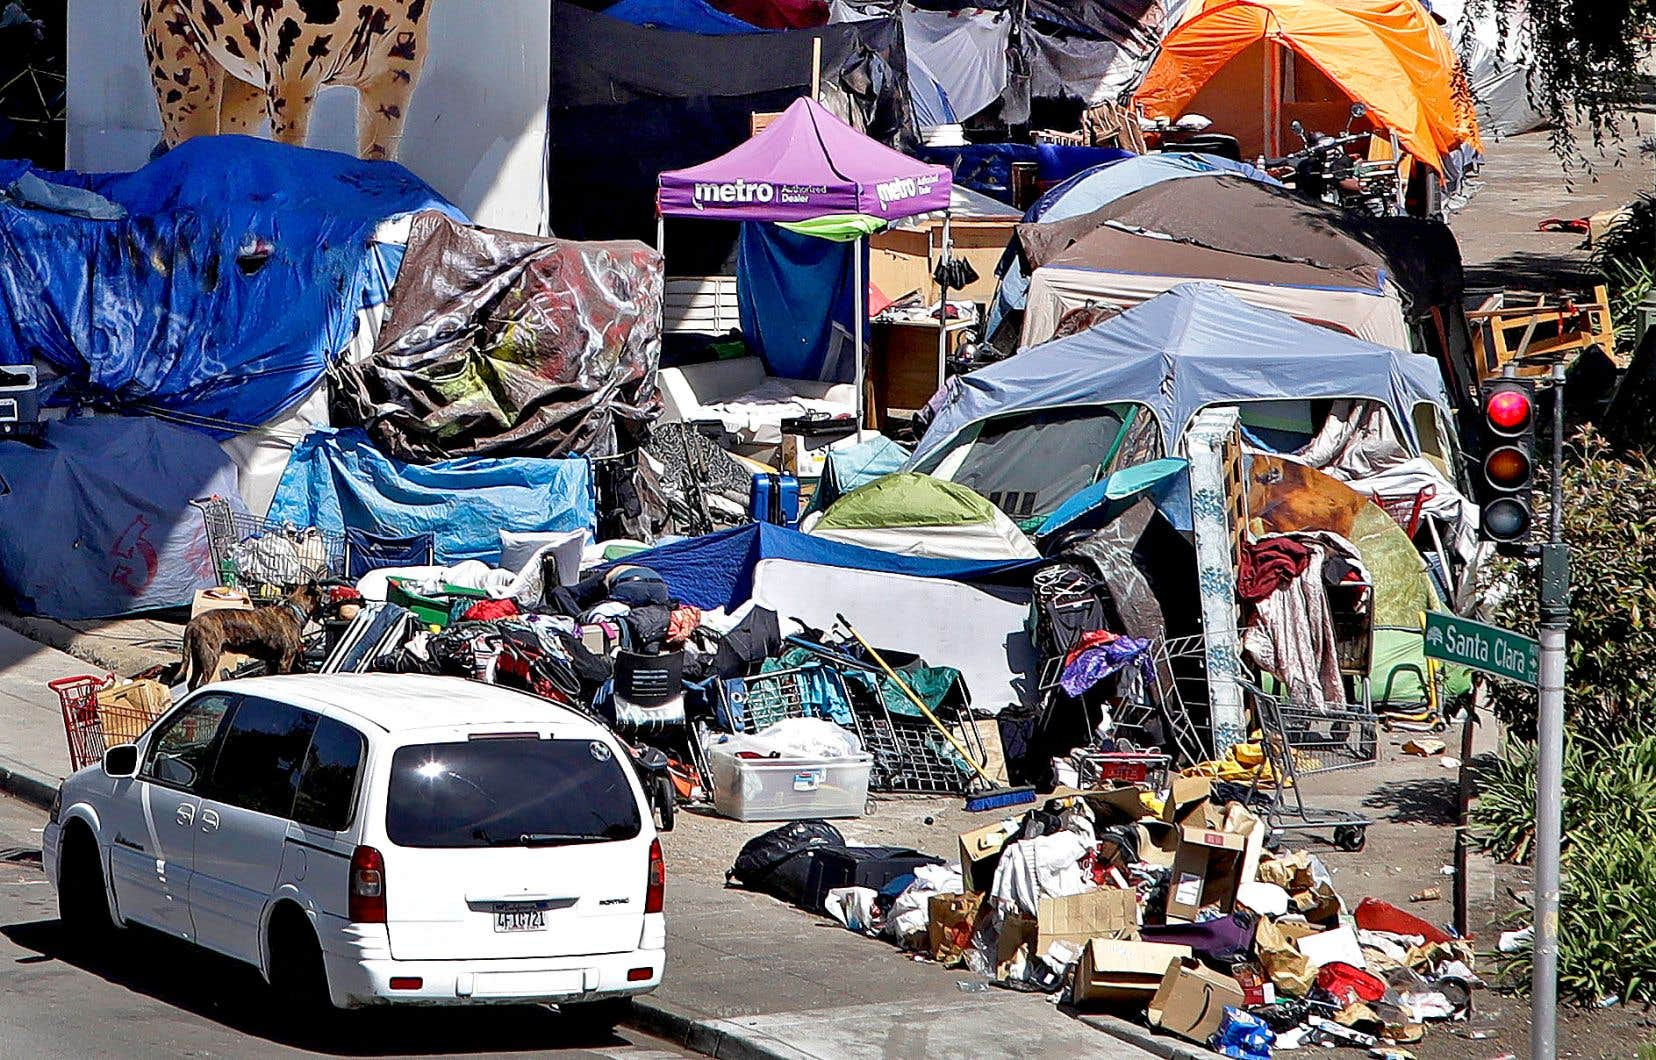 Un camp de personnes sans abri, à Oakland, près de San Francisco. Selon les intervenants sur le terrain, la situation n'y a jamais été pire qu'aujourd'hui.